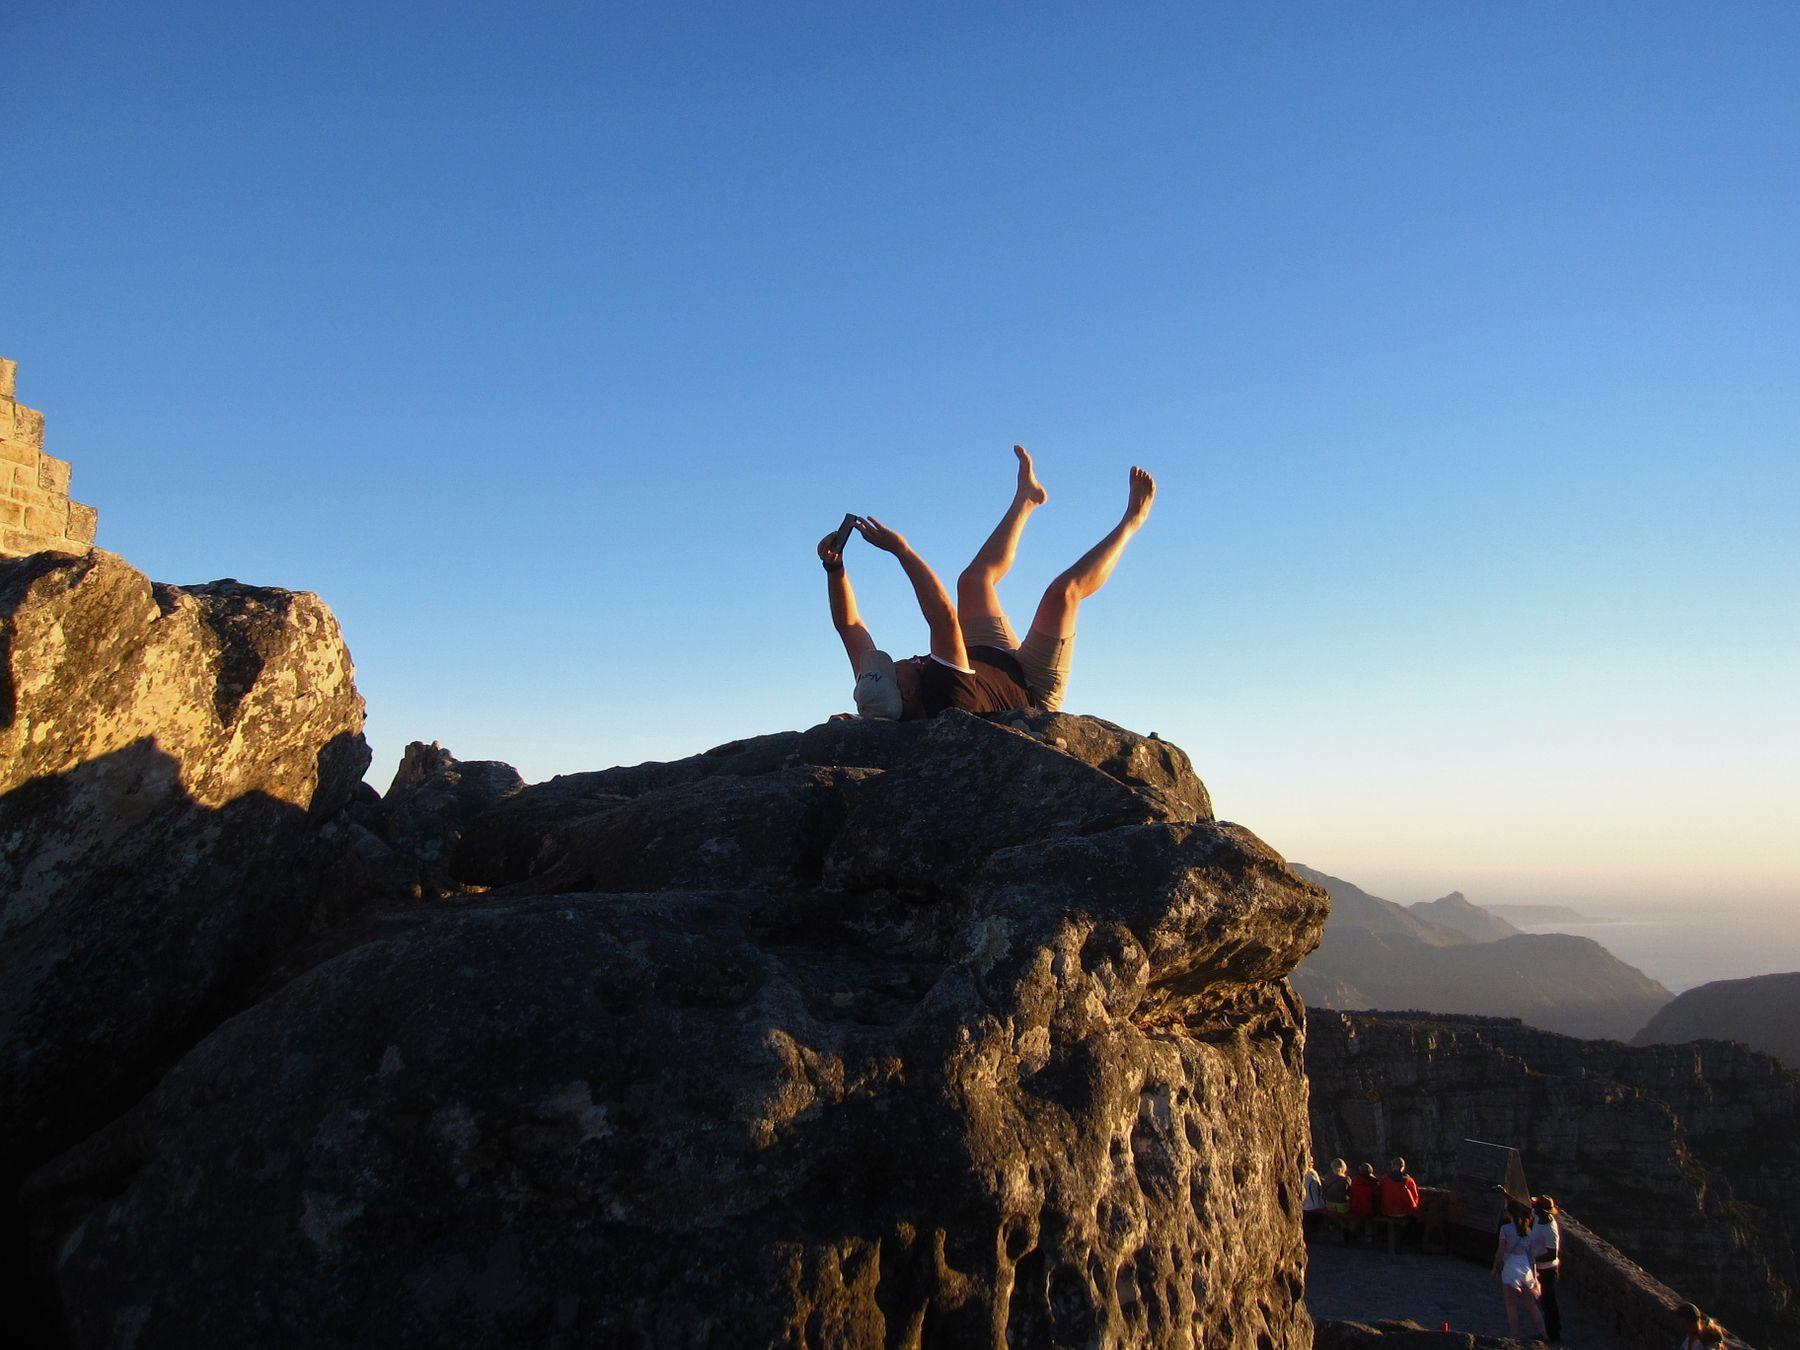 Селфи на закате. Африка вулкан кратер горы скалы